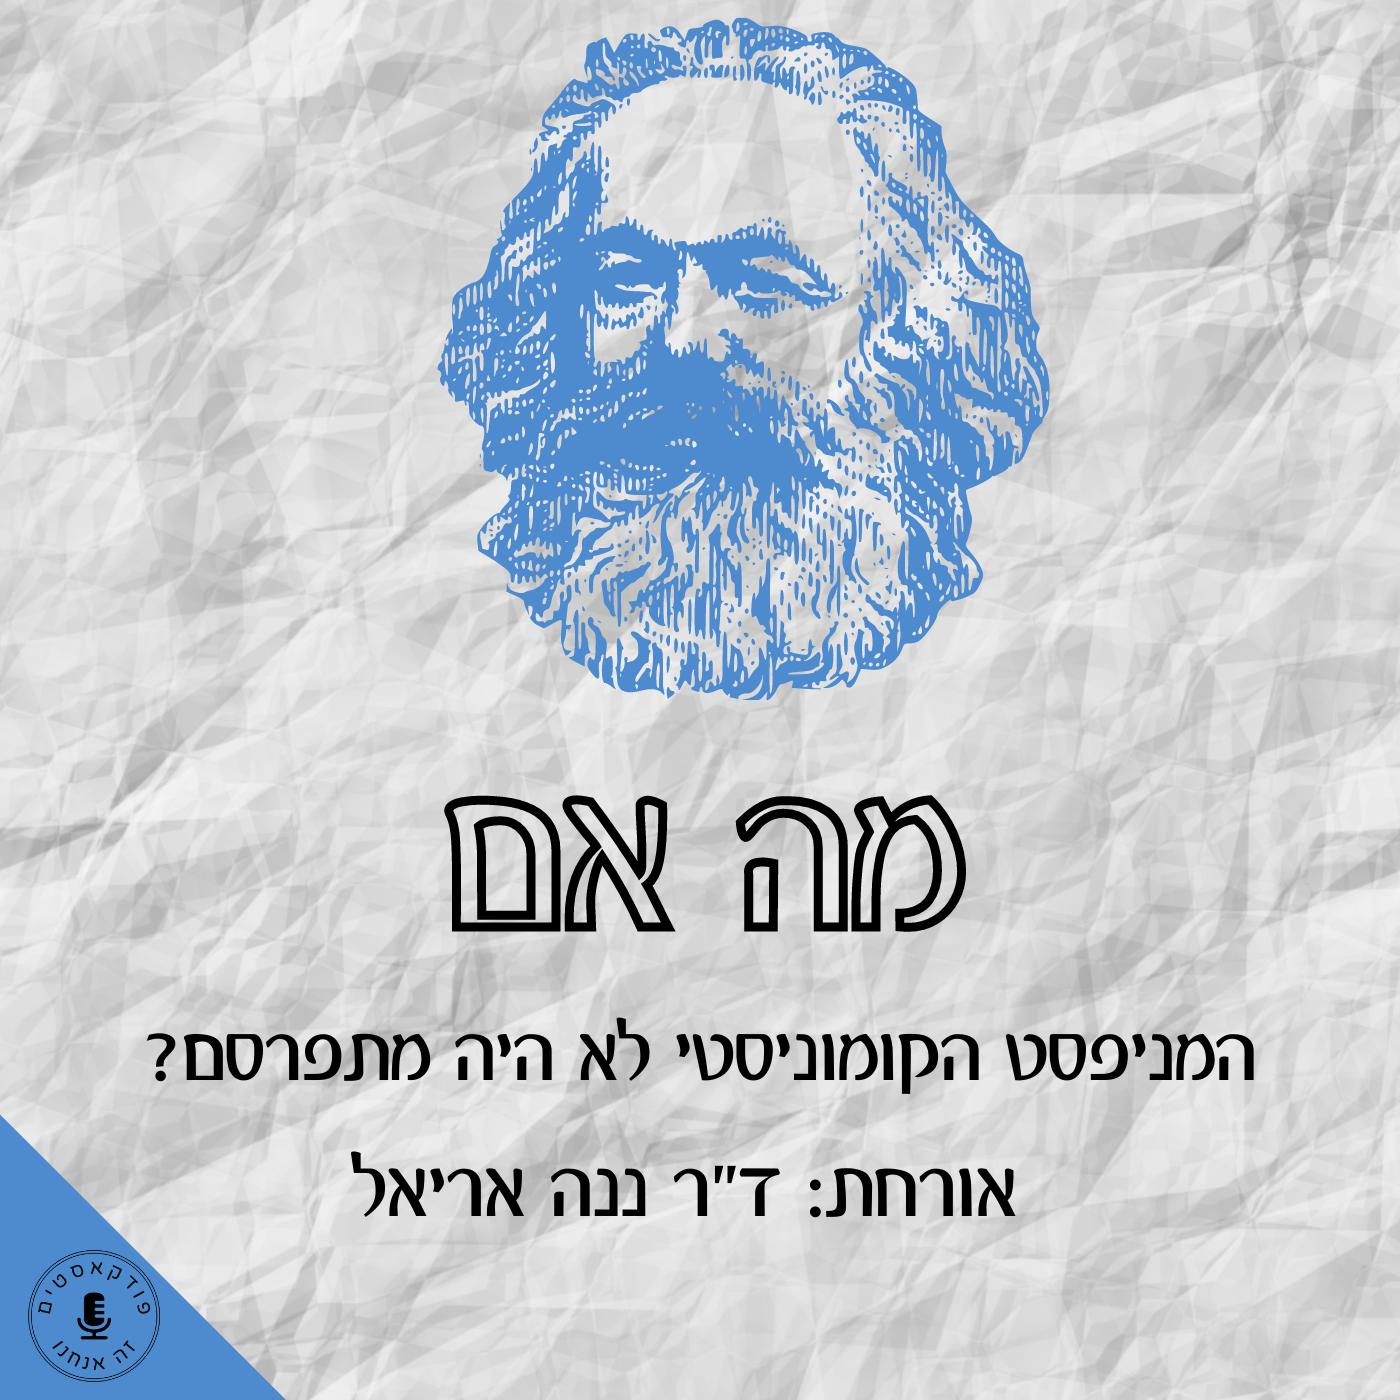 פרק 009 – מה אם המניפסט הקומוניסטי לא היה מתפרסם?